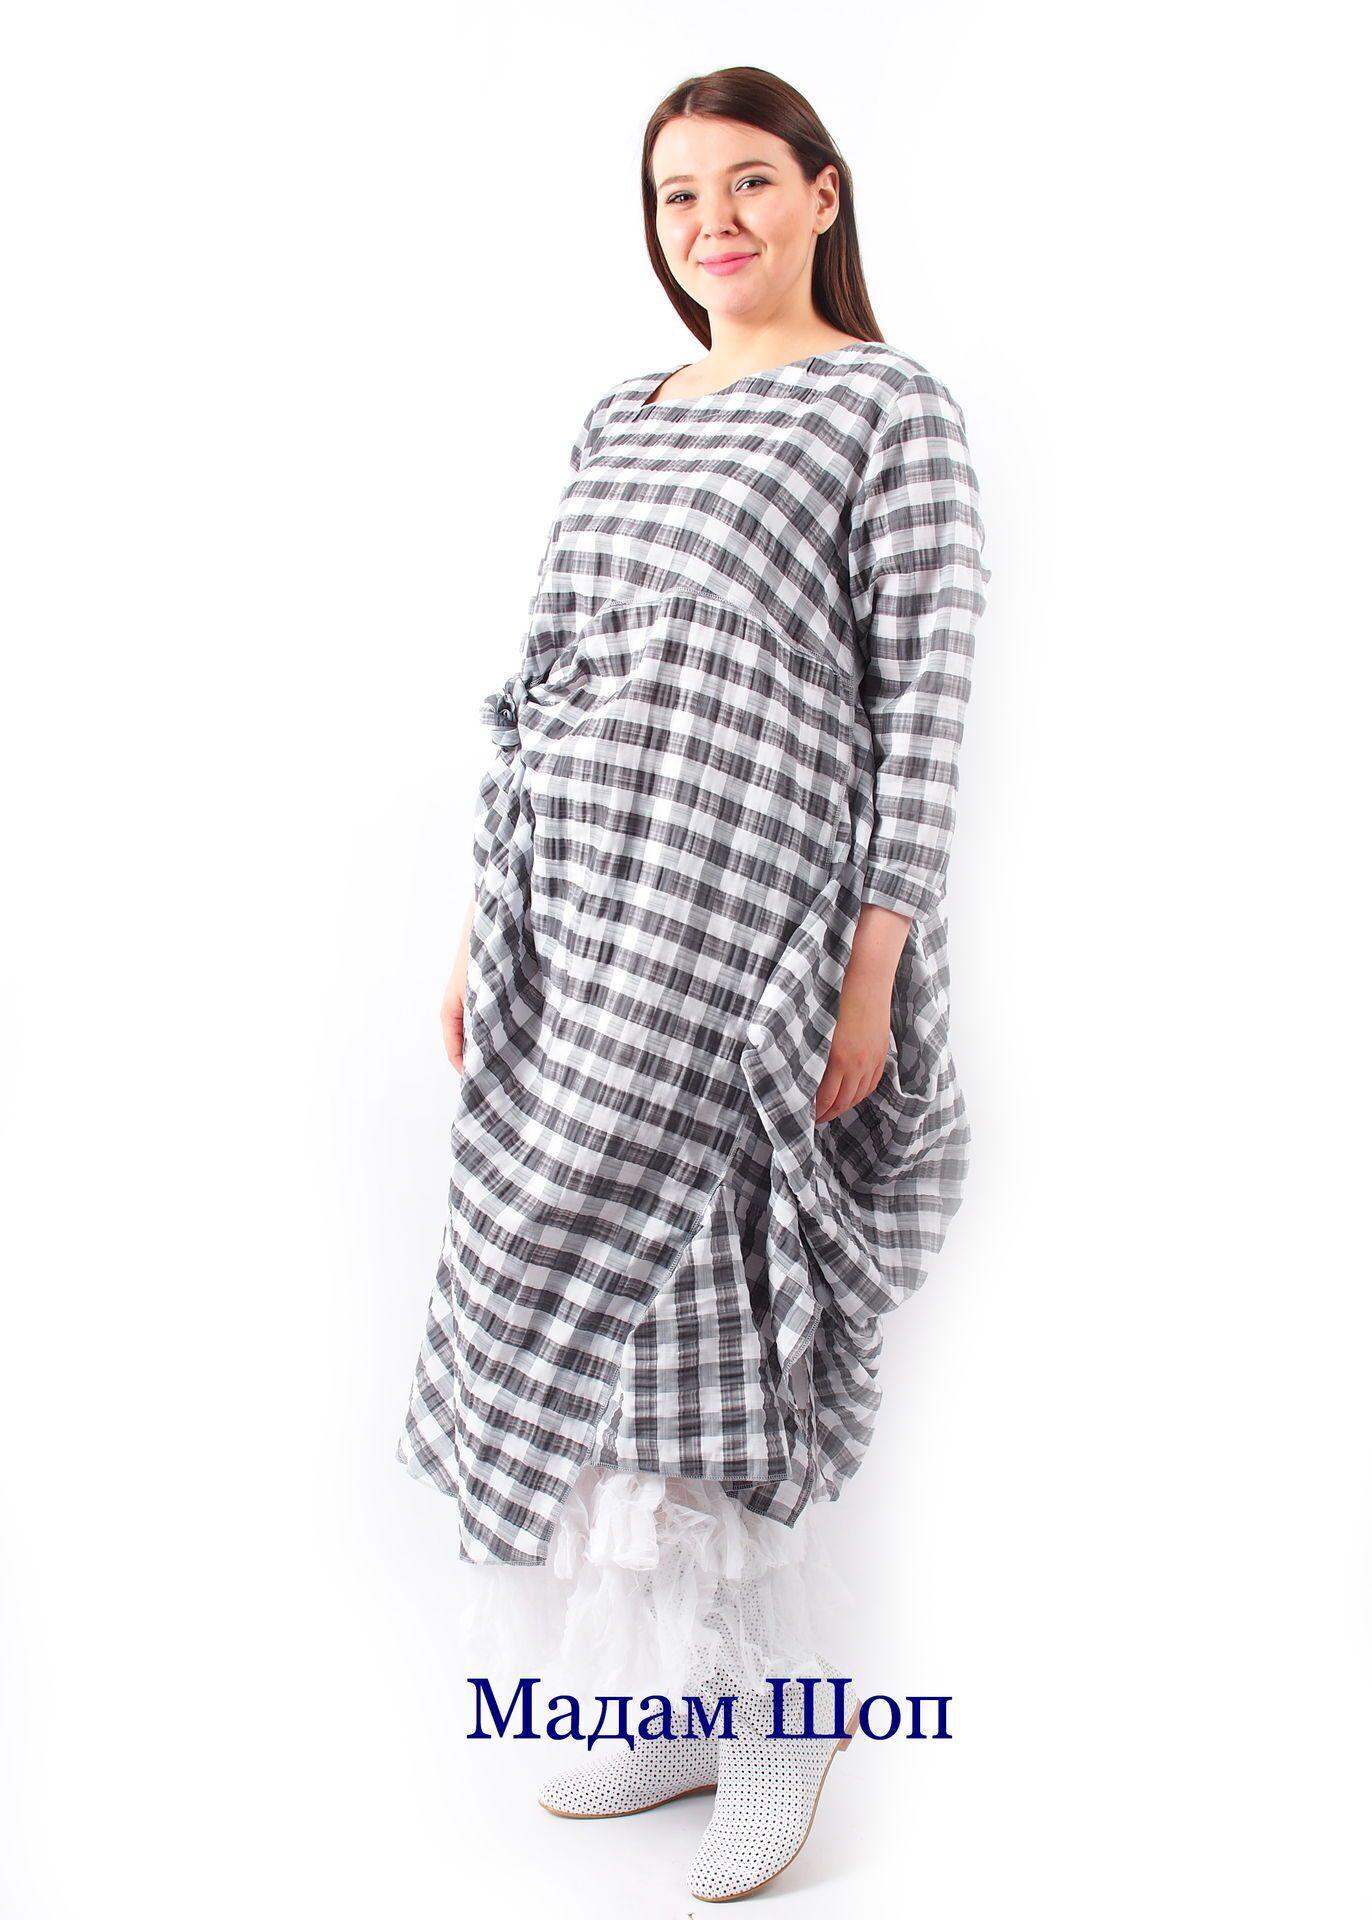 Купить Одежду Бохо Больших Размеров Доставка